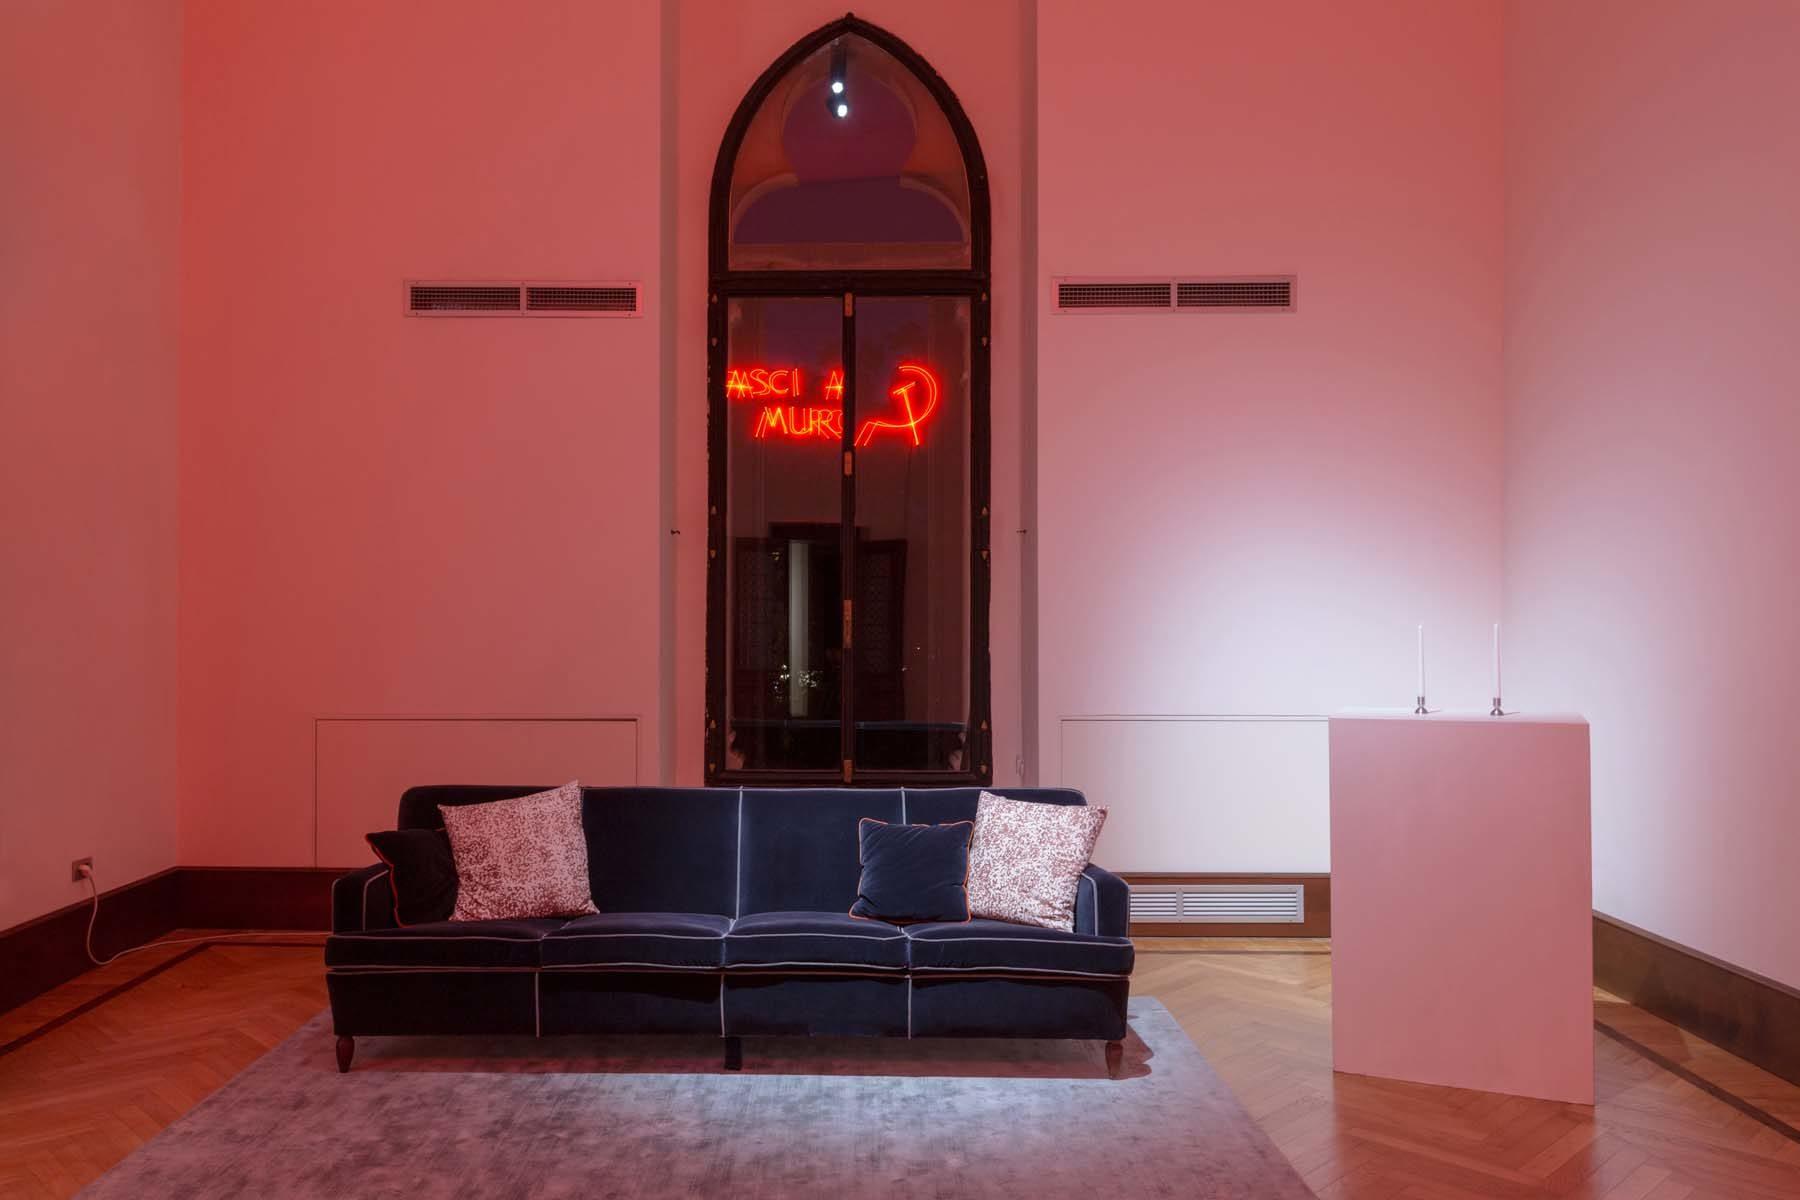 Linea di principio, 2018, installation view, Fondazione Berengo, Venezia, ph. Nico Covre